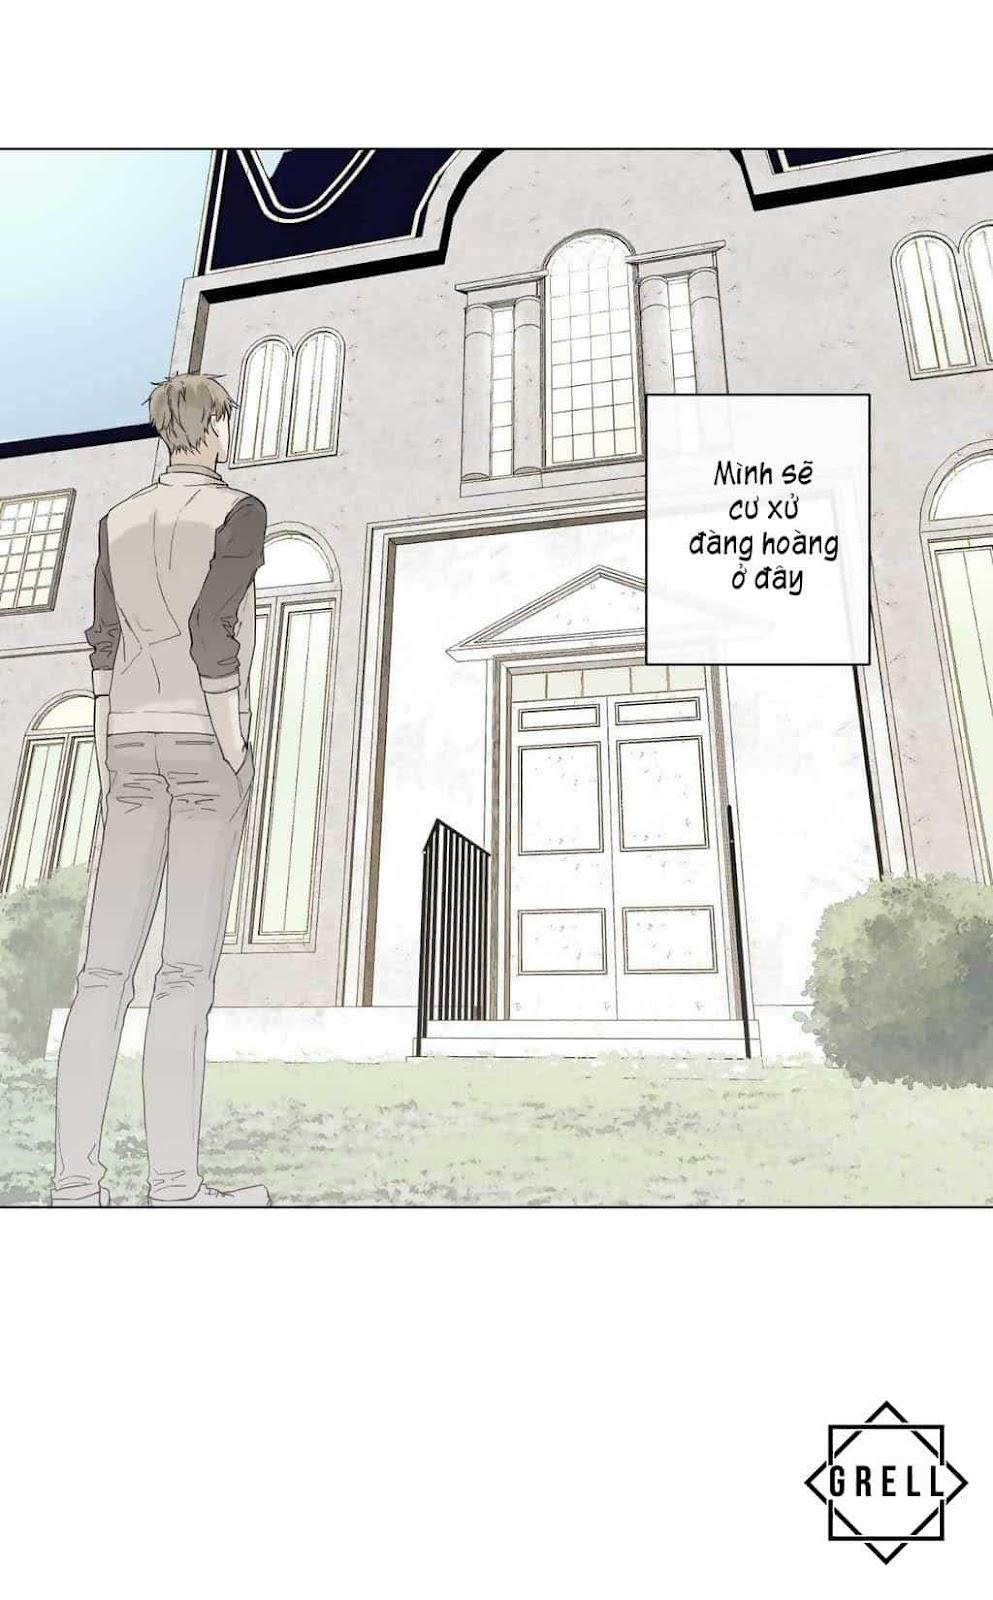 Trang 51 - Người hầu hoàng gia - Royal Servant - Chương 007 () - Truyện tranh Gay - Server HostedOnGoogleServerStaging